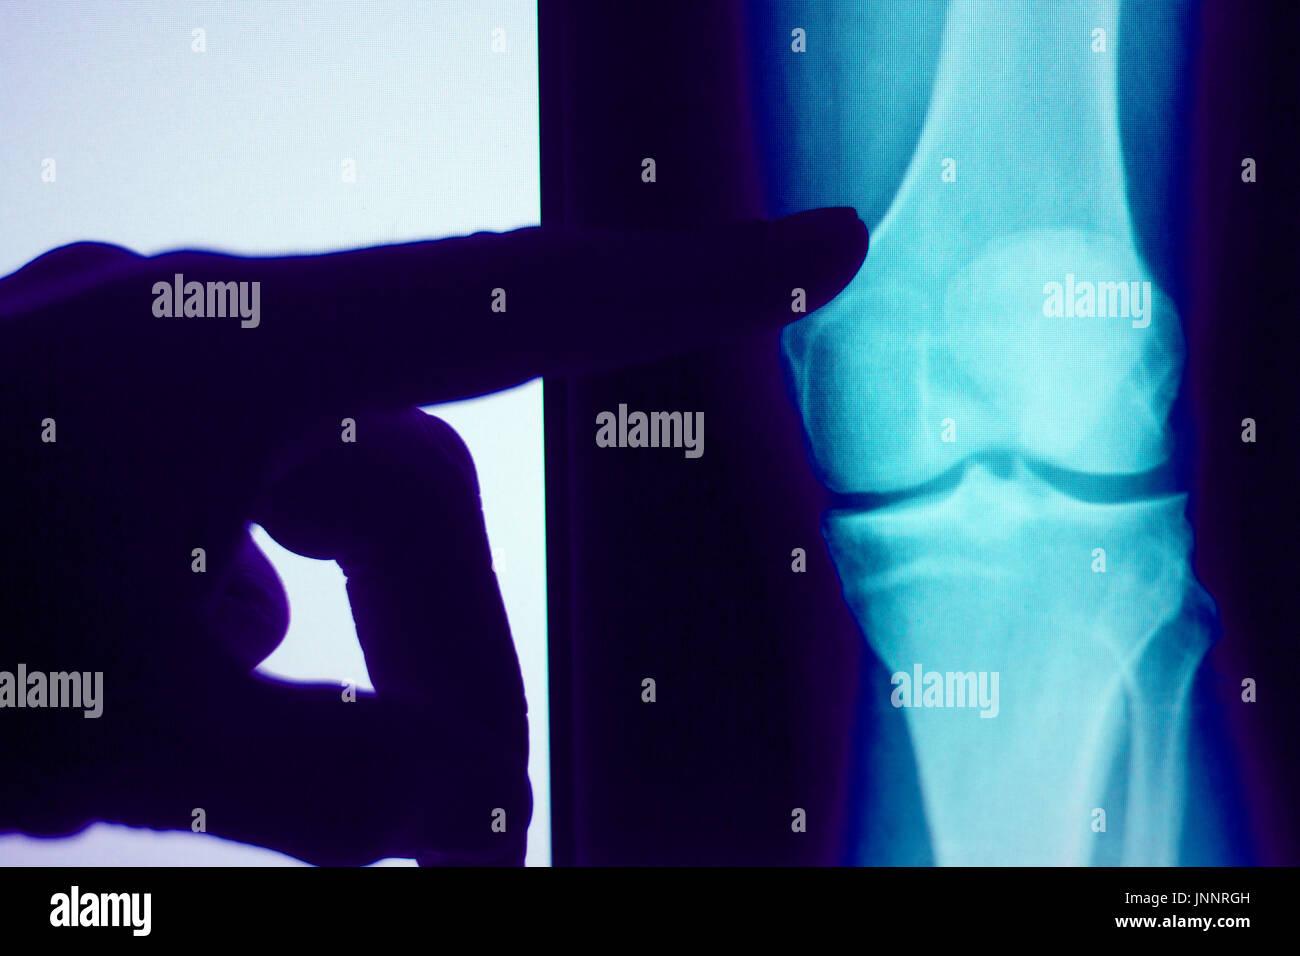 Knie gemeinsamen Xray Test Scan-Ergebnisse von Patienten mit ...